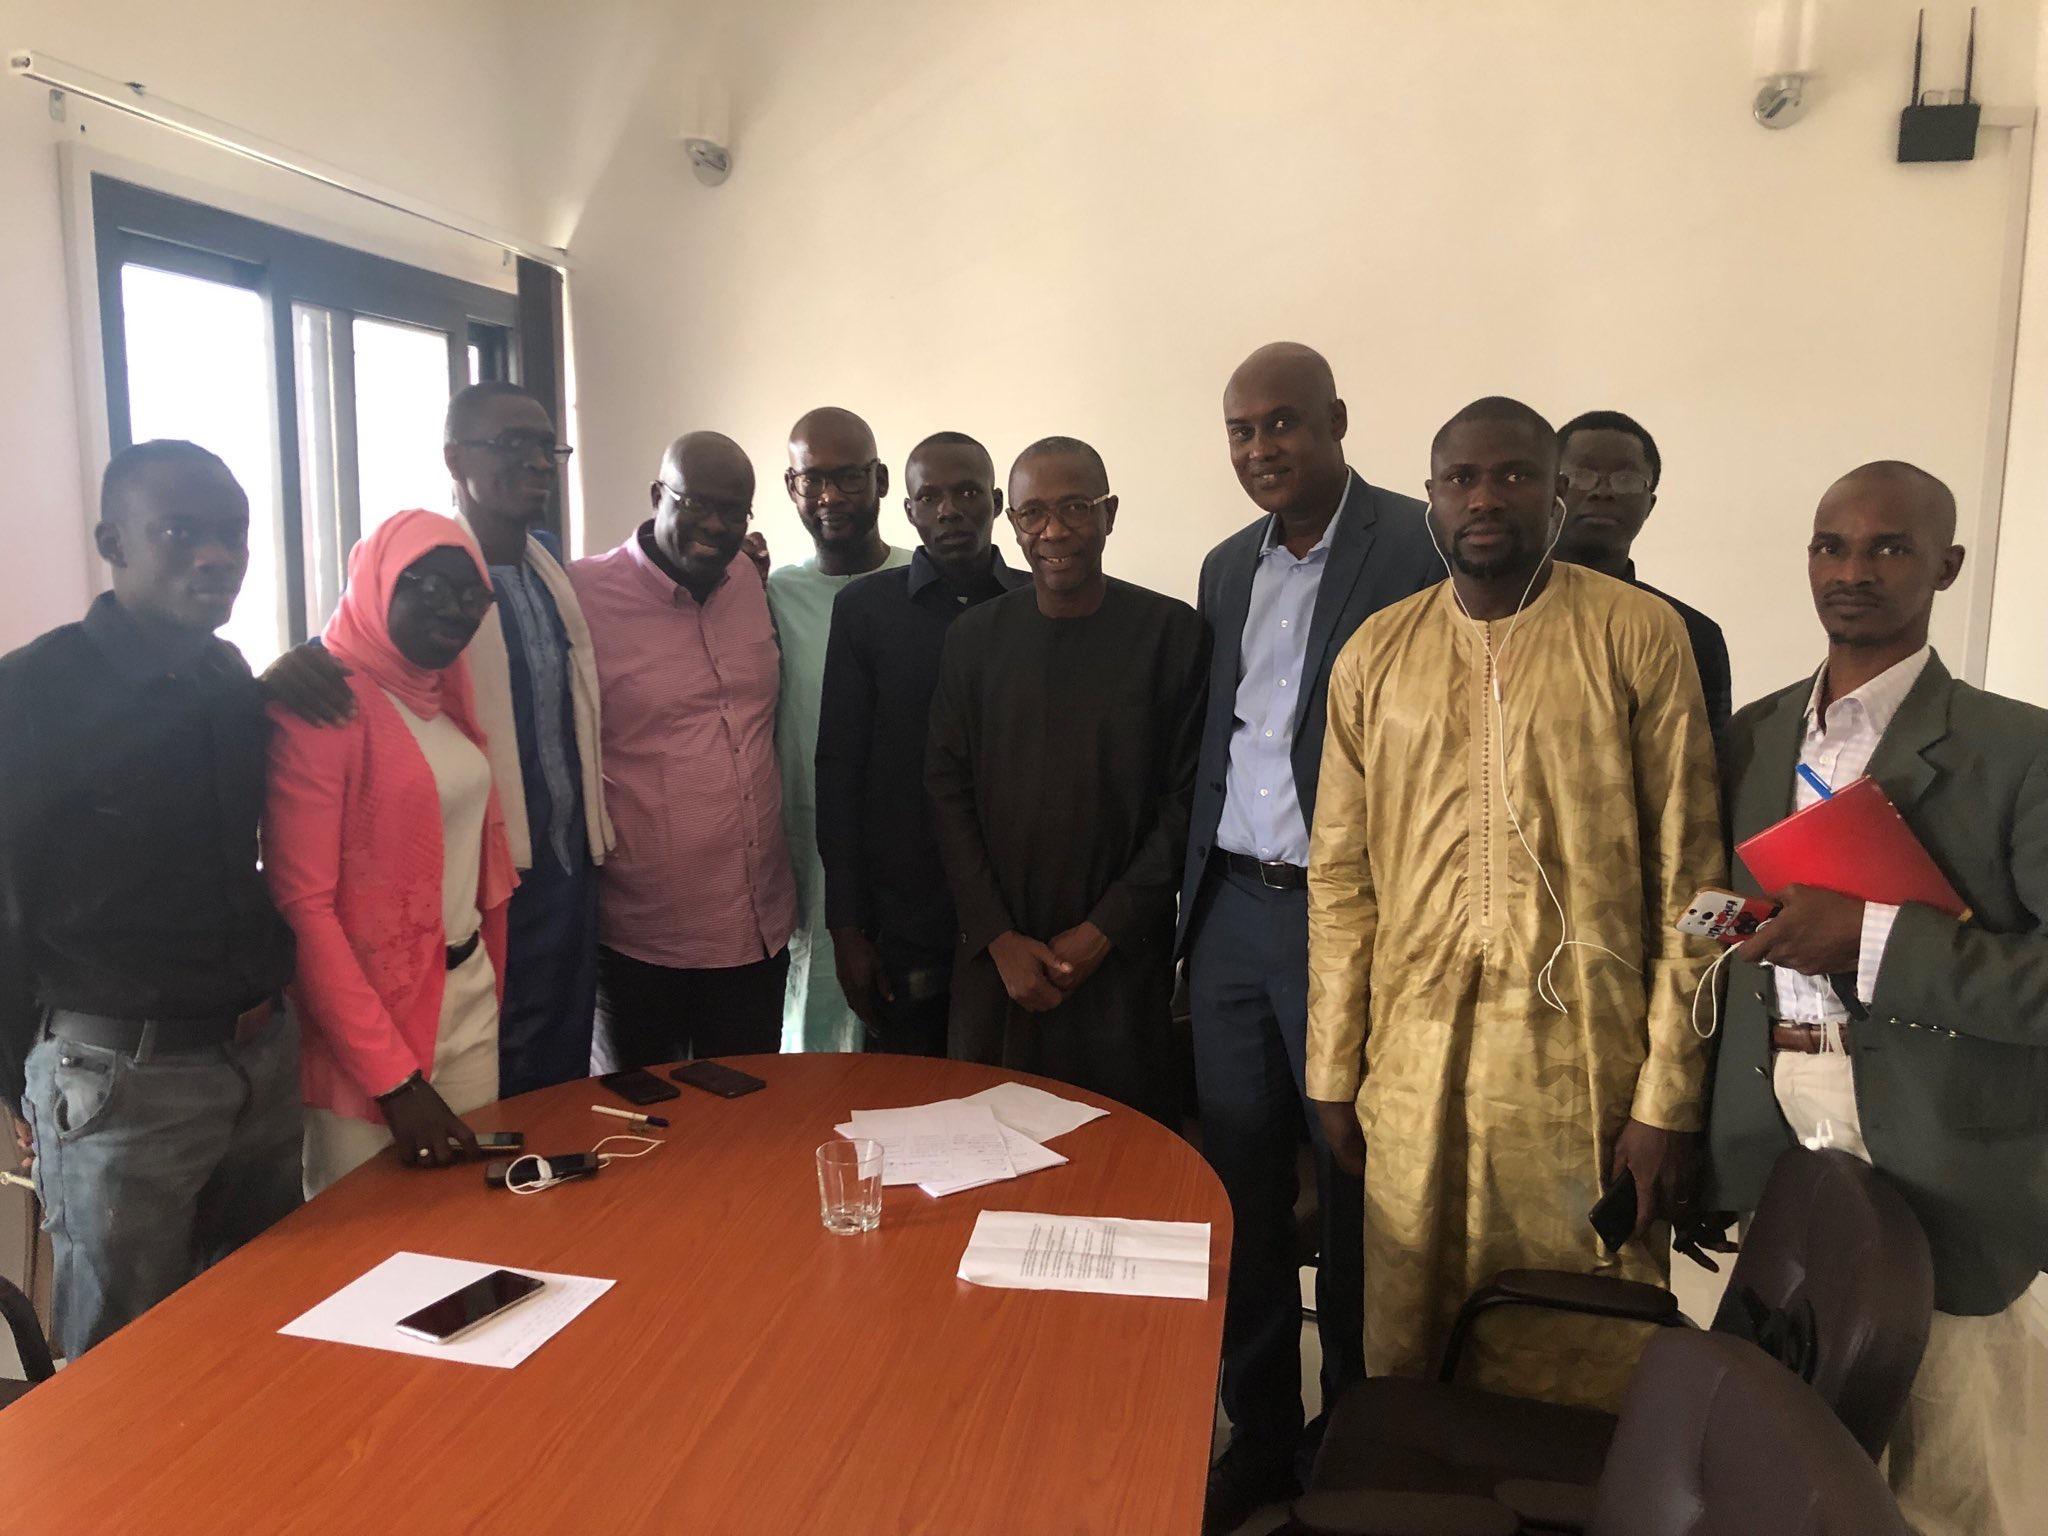 El Haj Kassé au centre entouré des défenseurs de Macky Sall sur les Réseaux sociaux